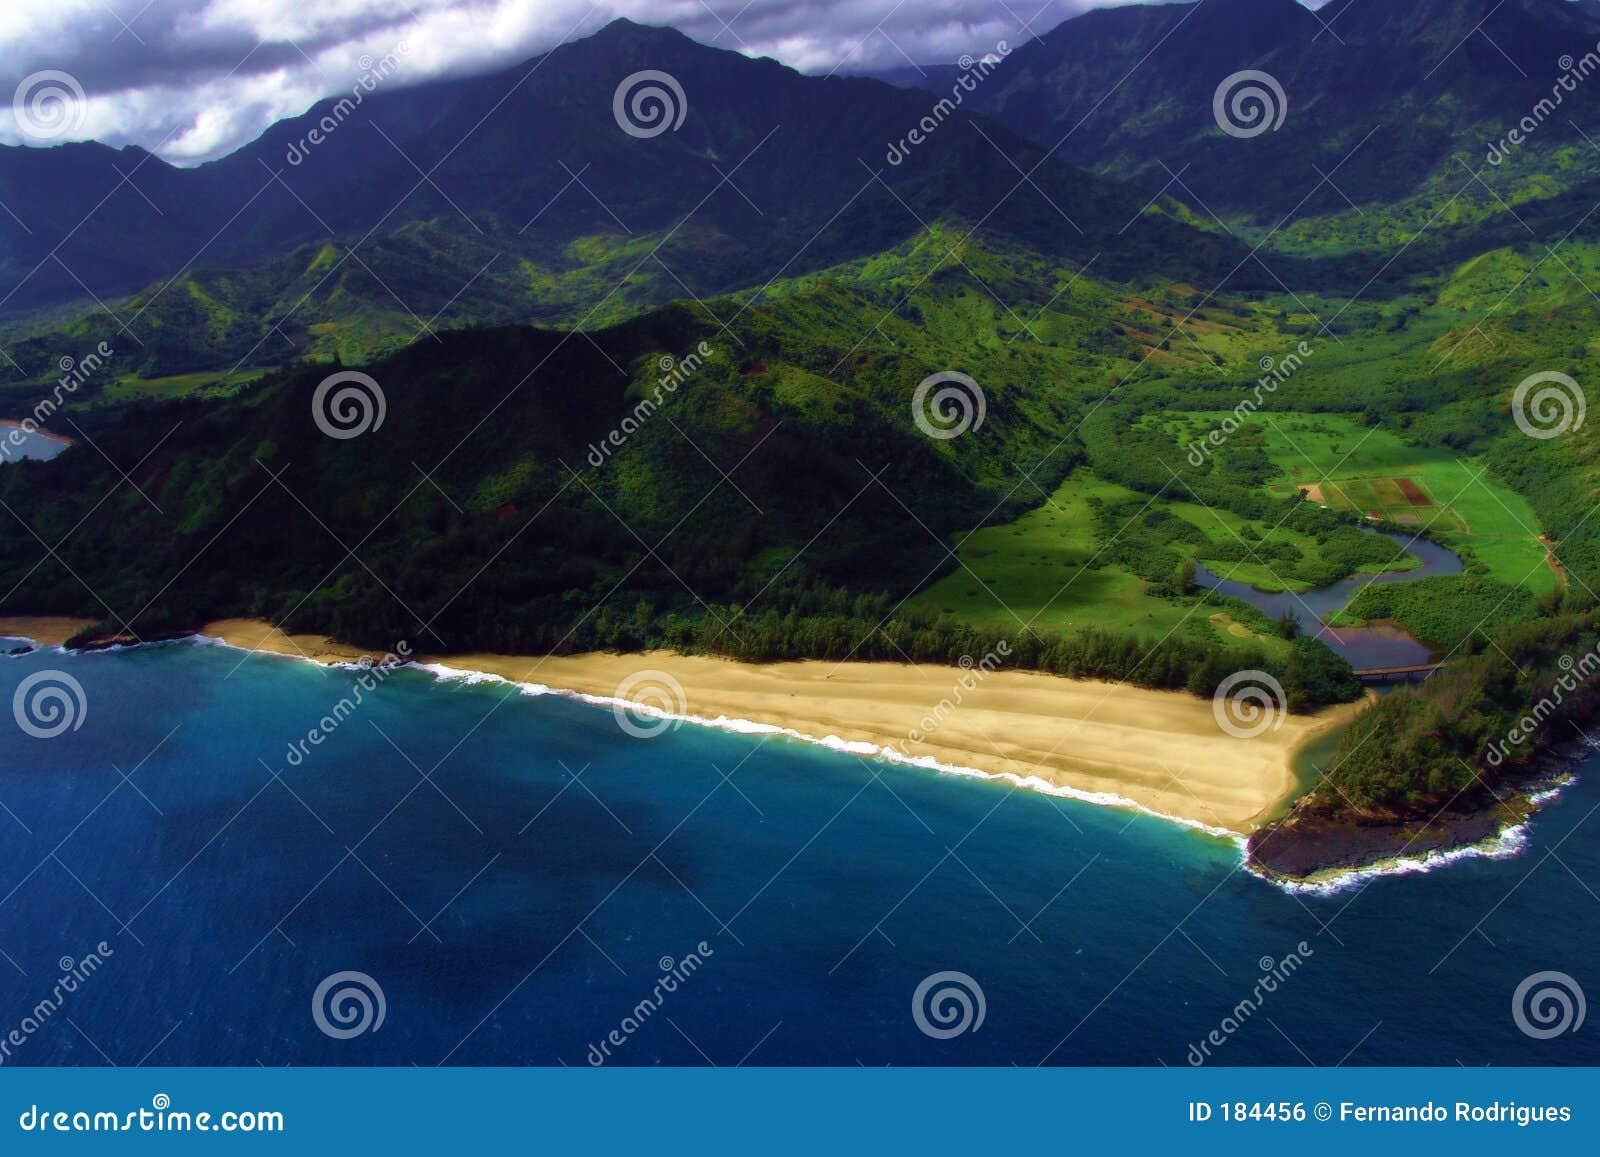 Una visión costera desde el mid-air